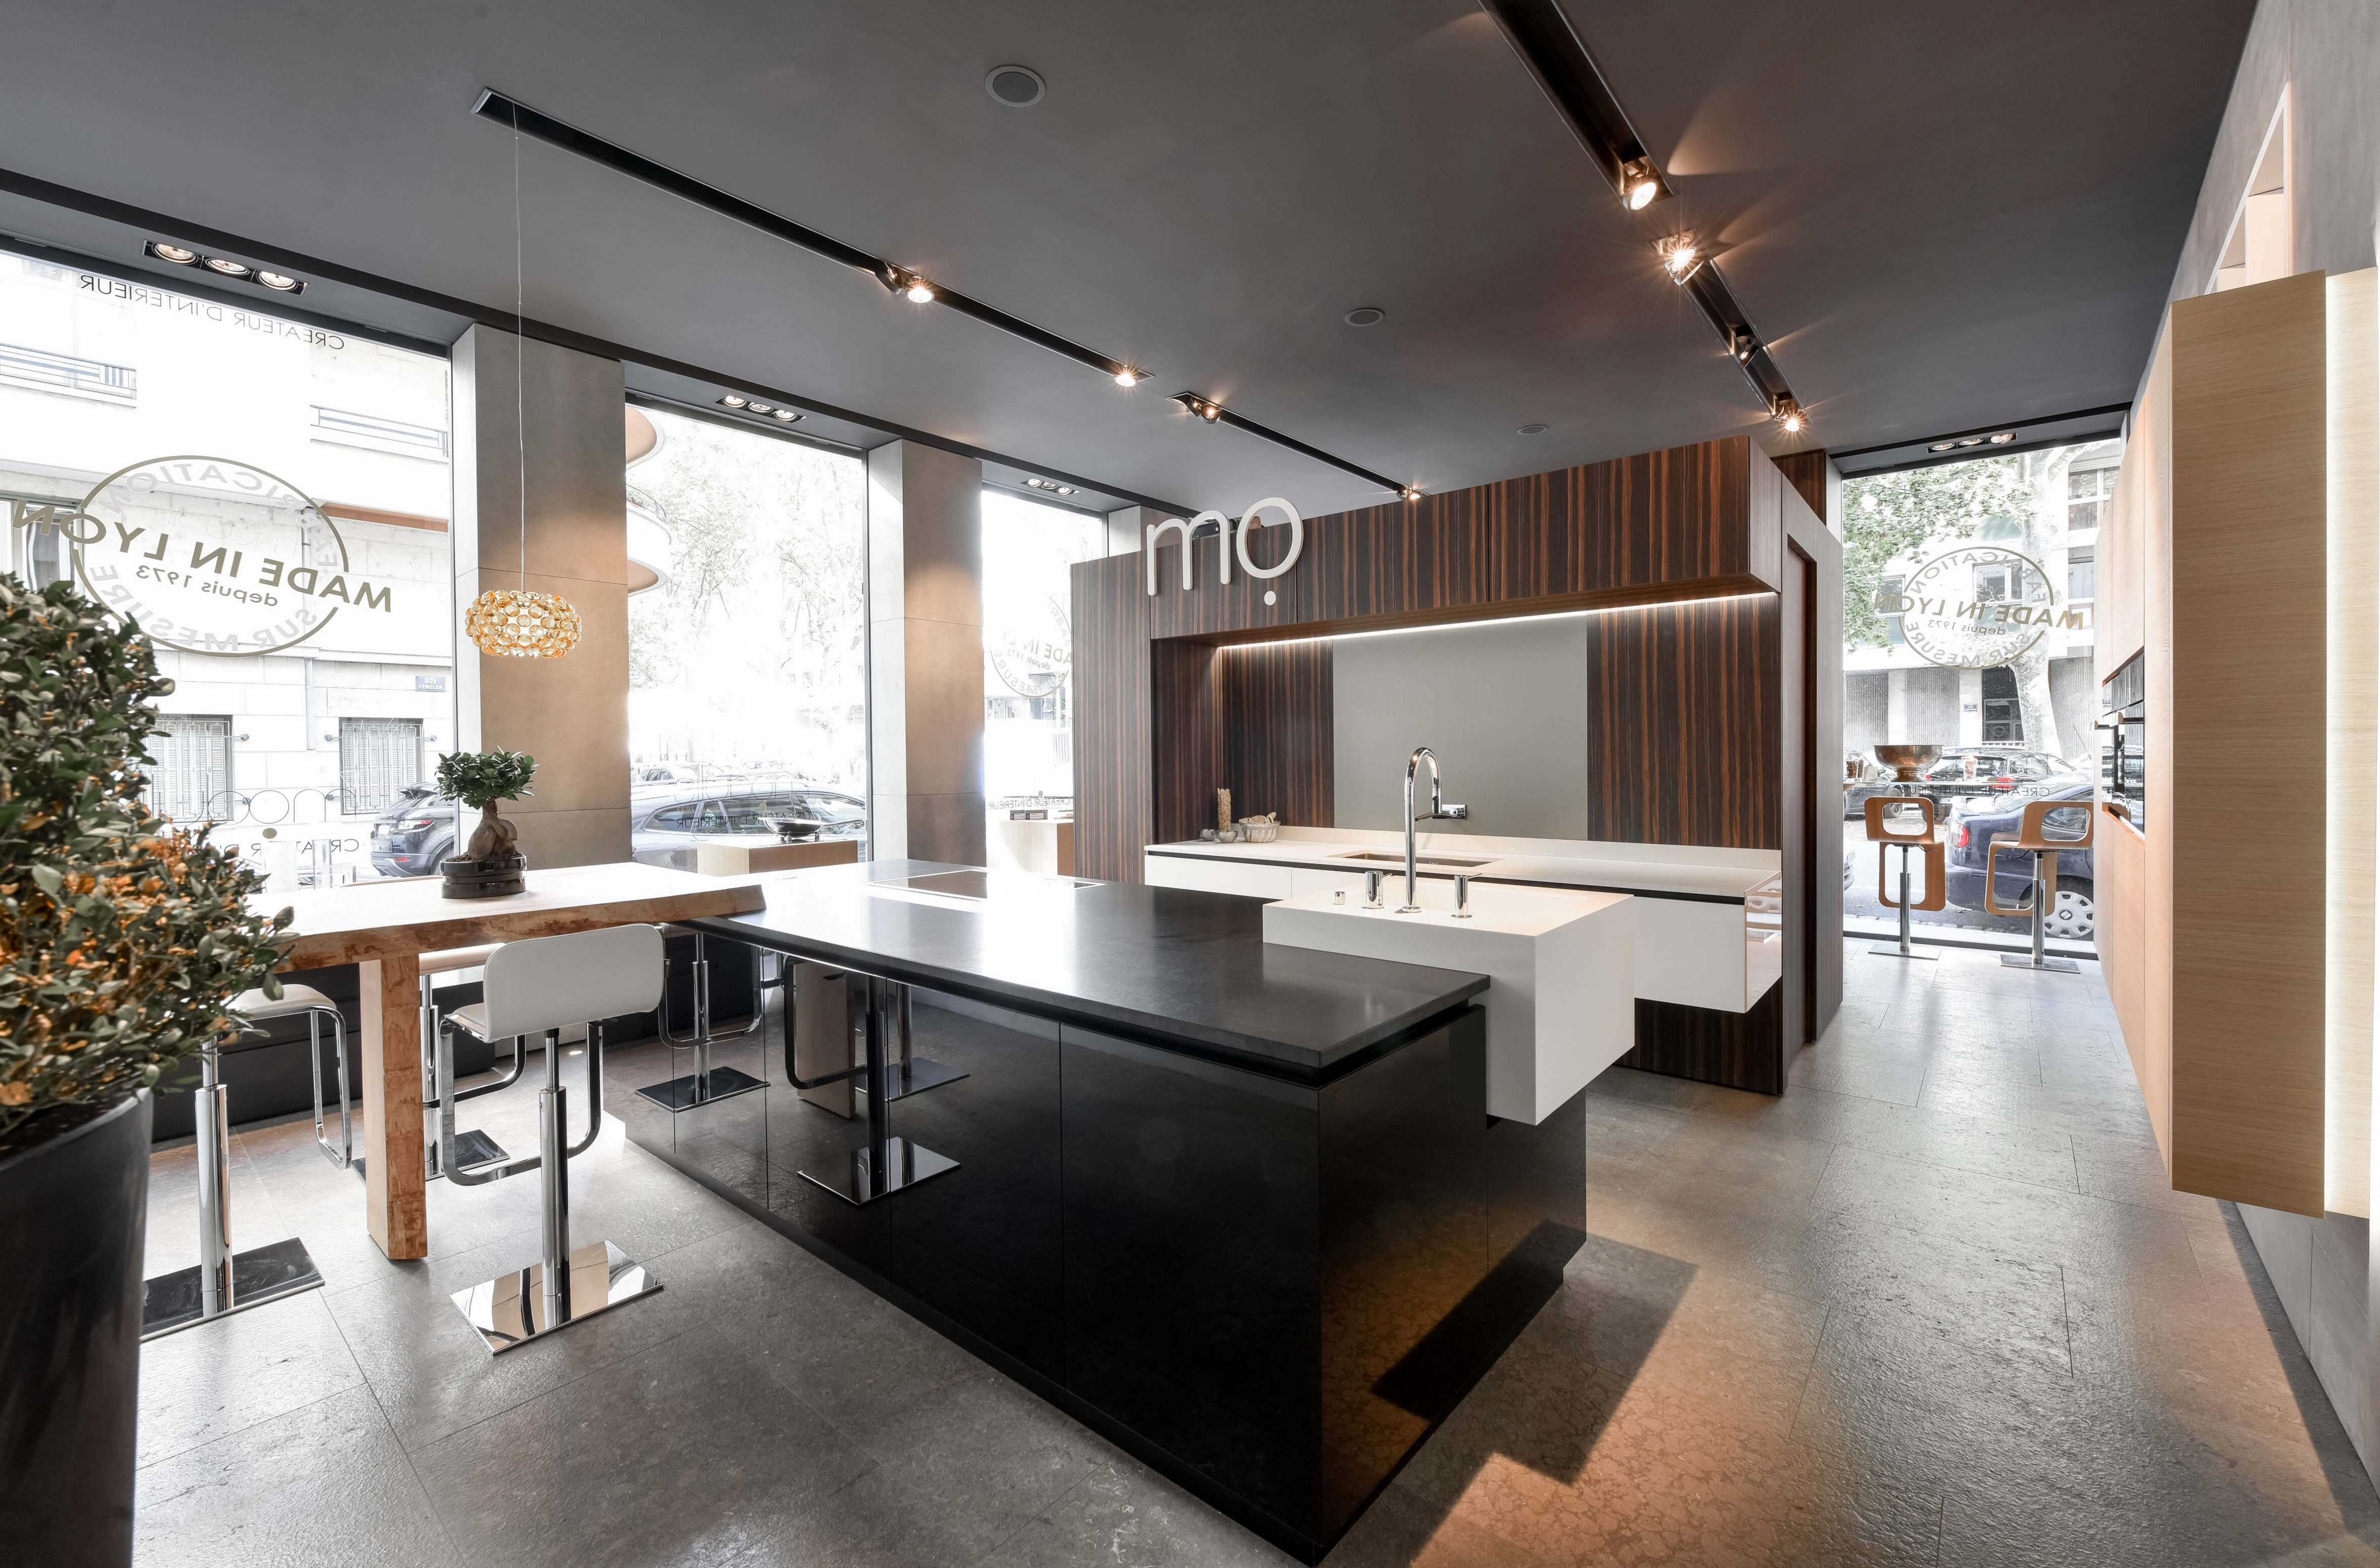 modulis architecture d 39 int rieur lyon. Black Bedroom Furniture Sets. Home Design Ideas